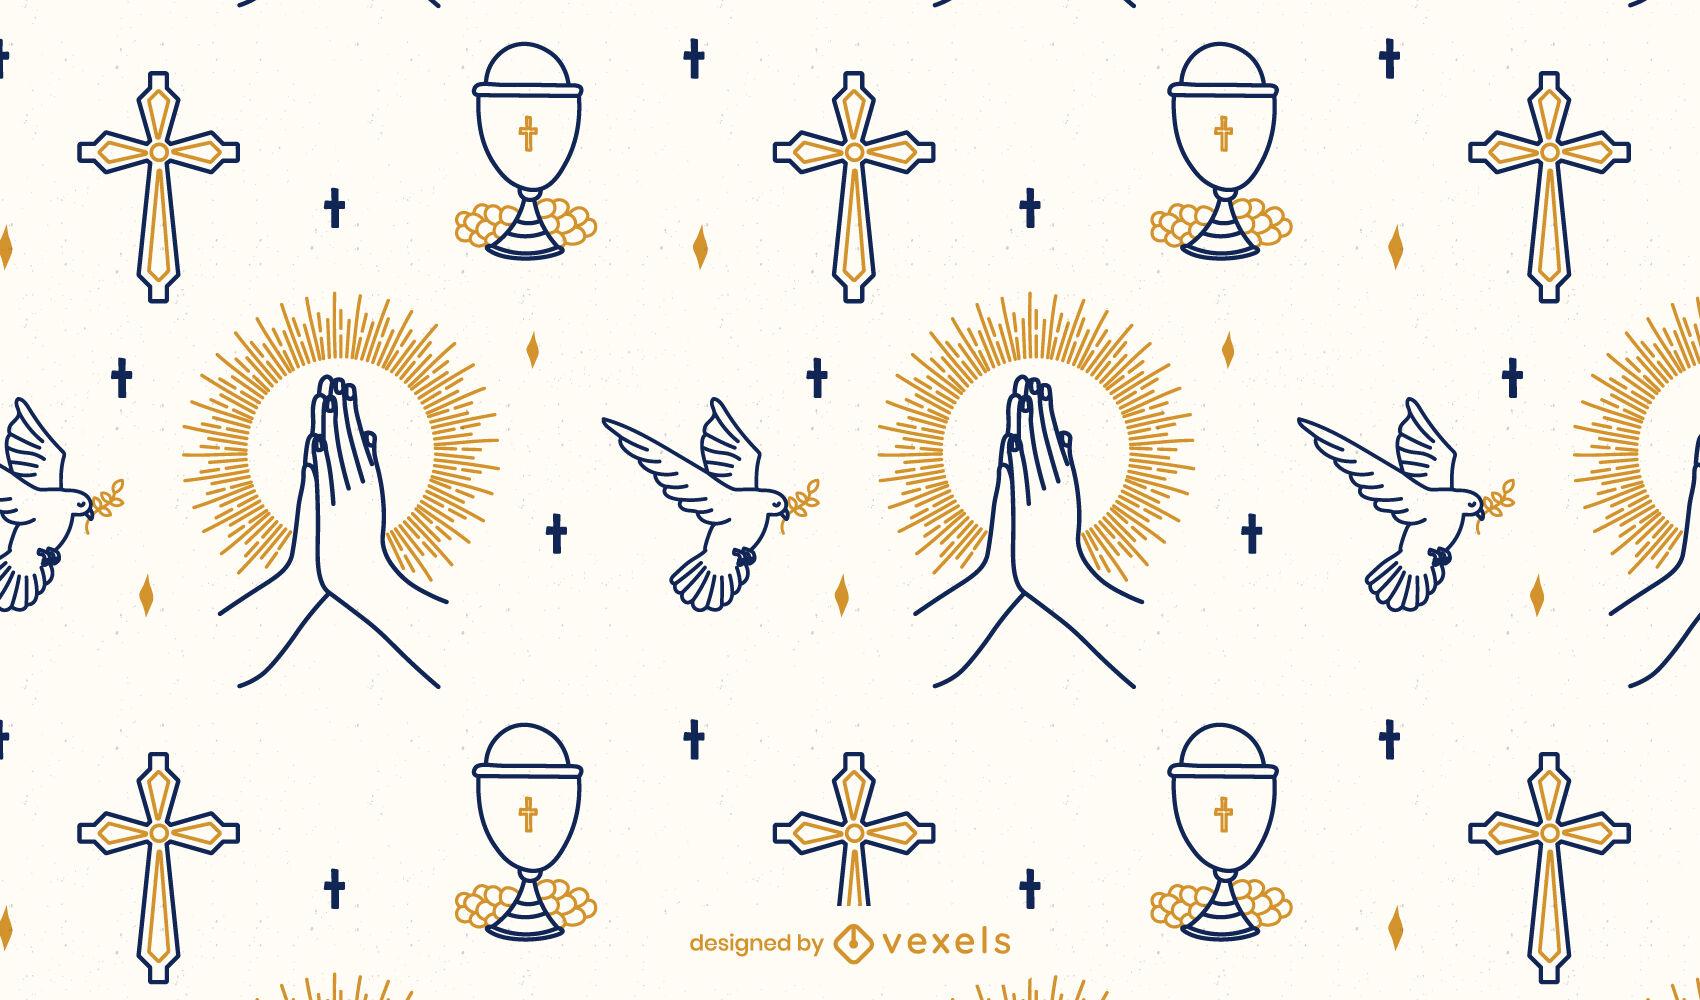 Religiöses Musterdesign der christlichen Gemeinschaft